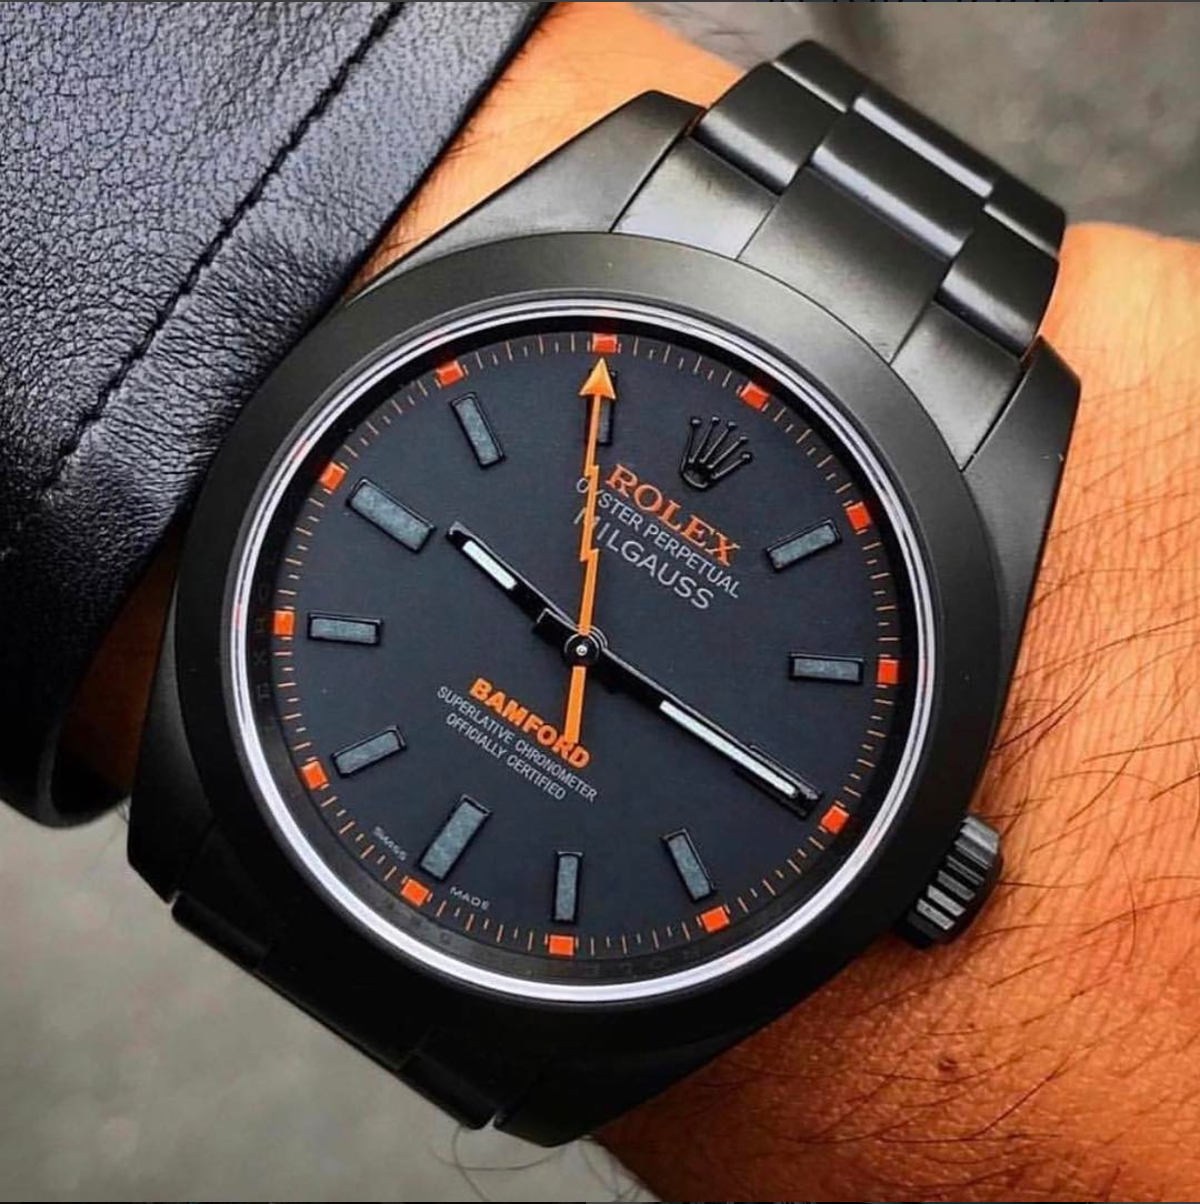 orange&black ⚫️ art edition of a Rolex Milgauss   https://www.instagram.com/p/BPcyRkGA0Mo/?tagged=styleaddict